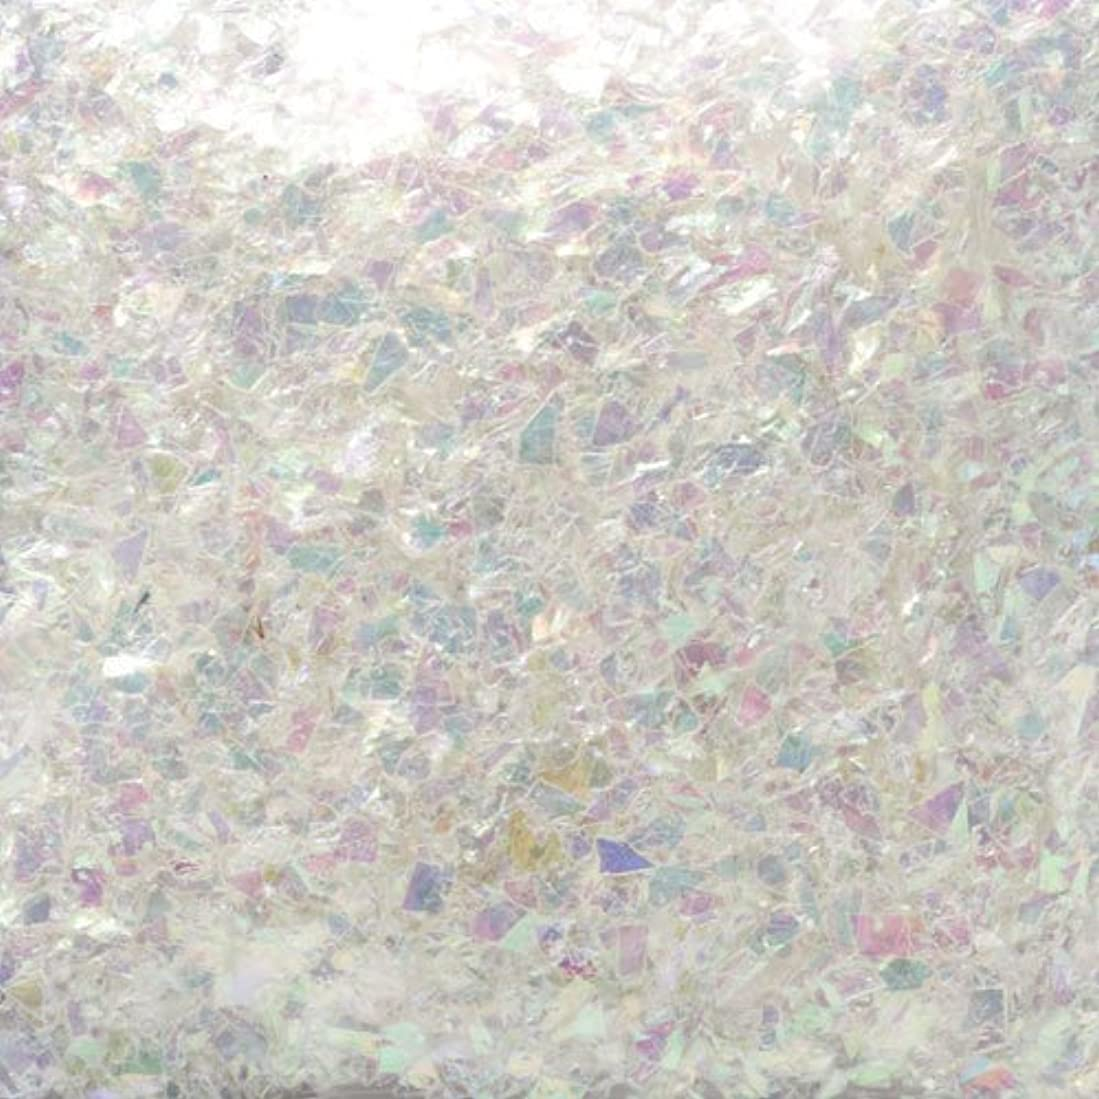 機関車自分大学院ピカエース ネイル用パウダー ピカエース 乱切オーロラ #710 ホワイト 1g アート材